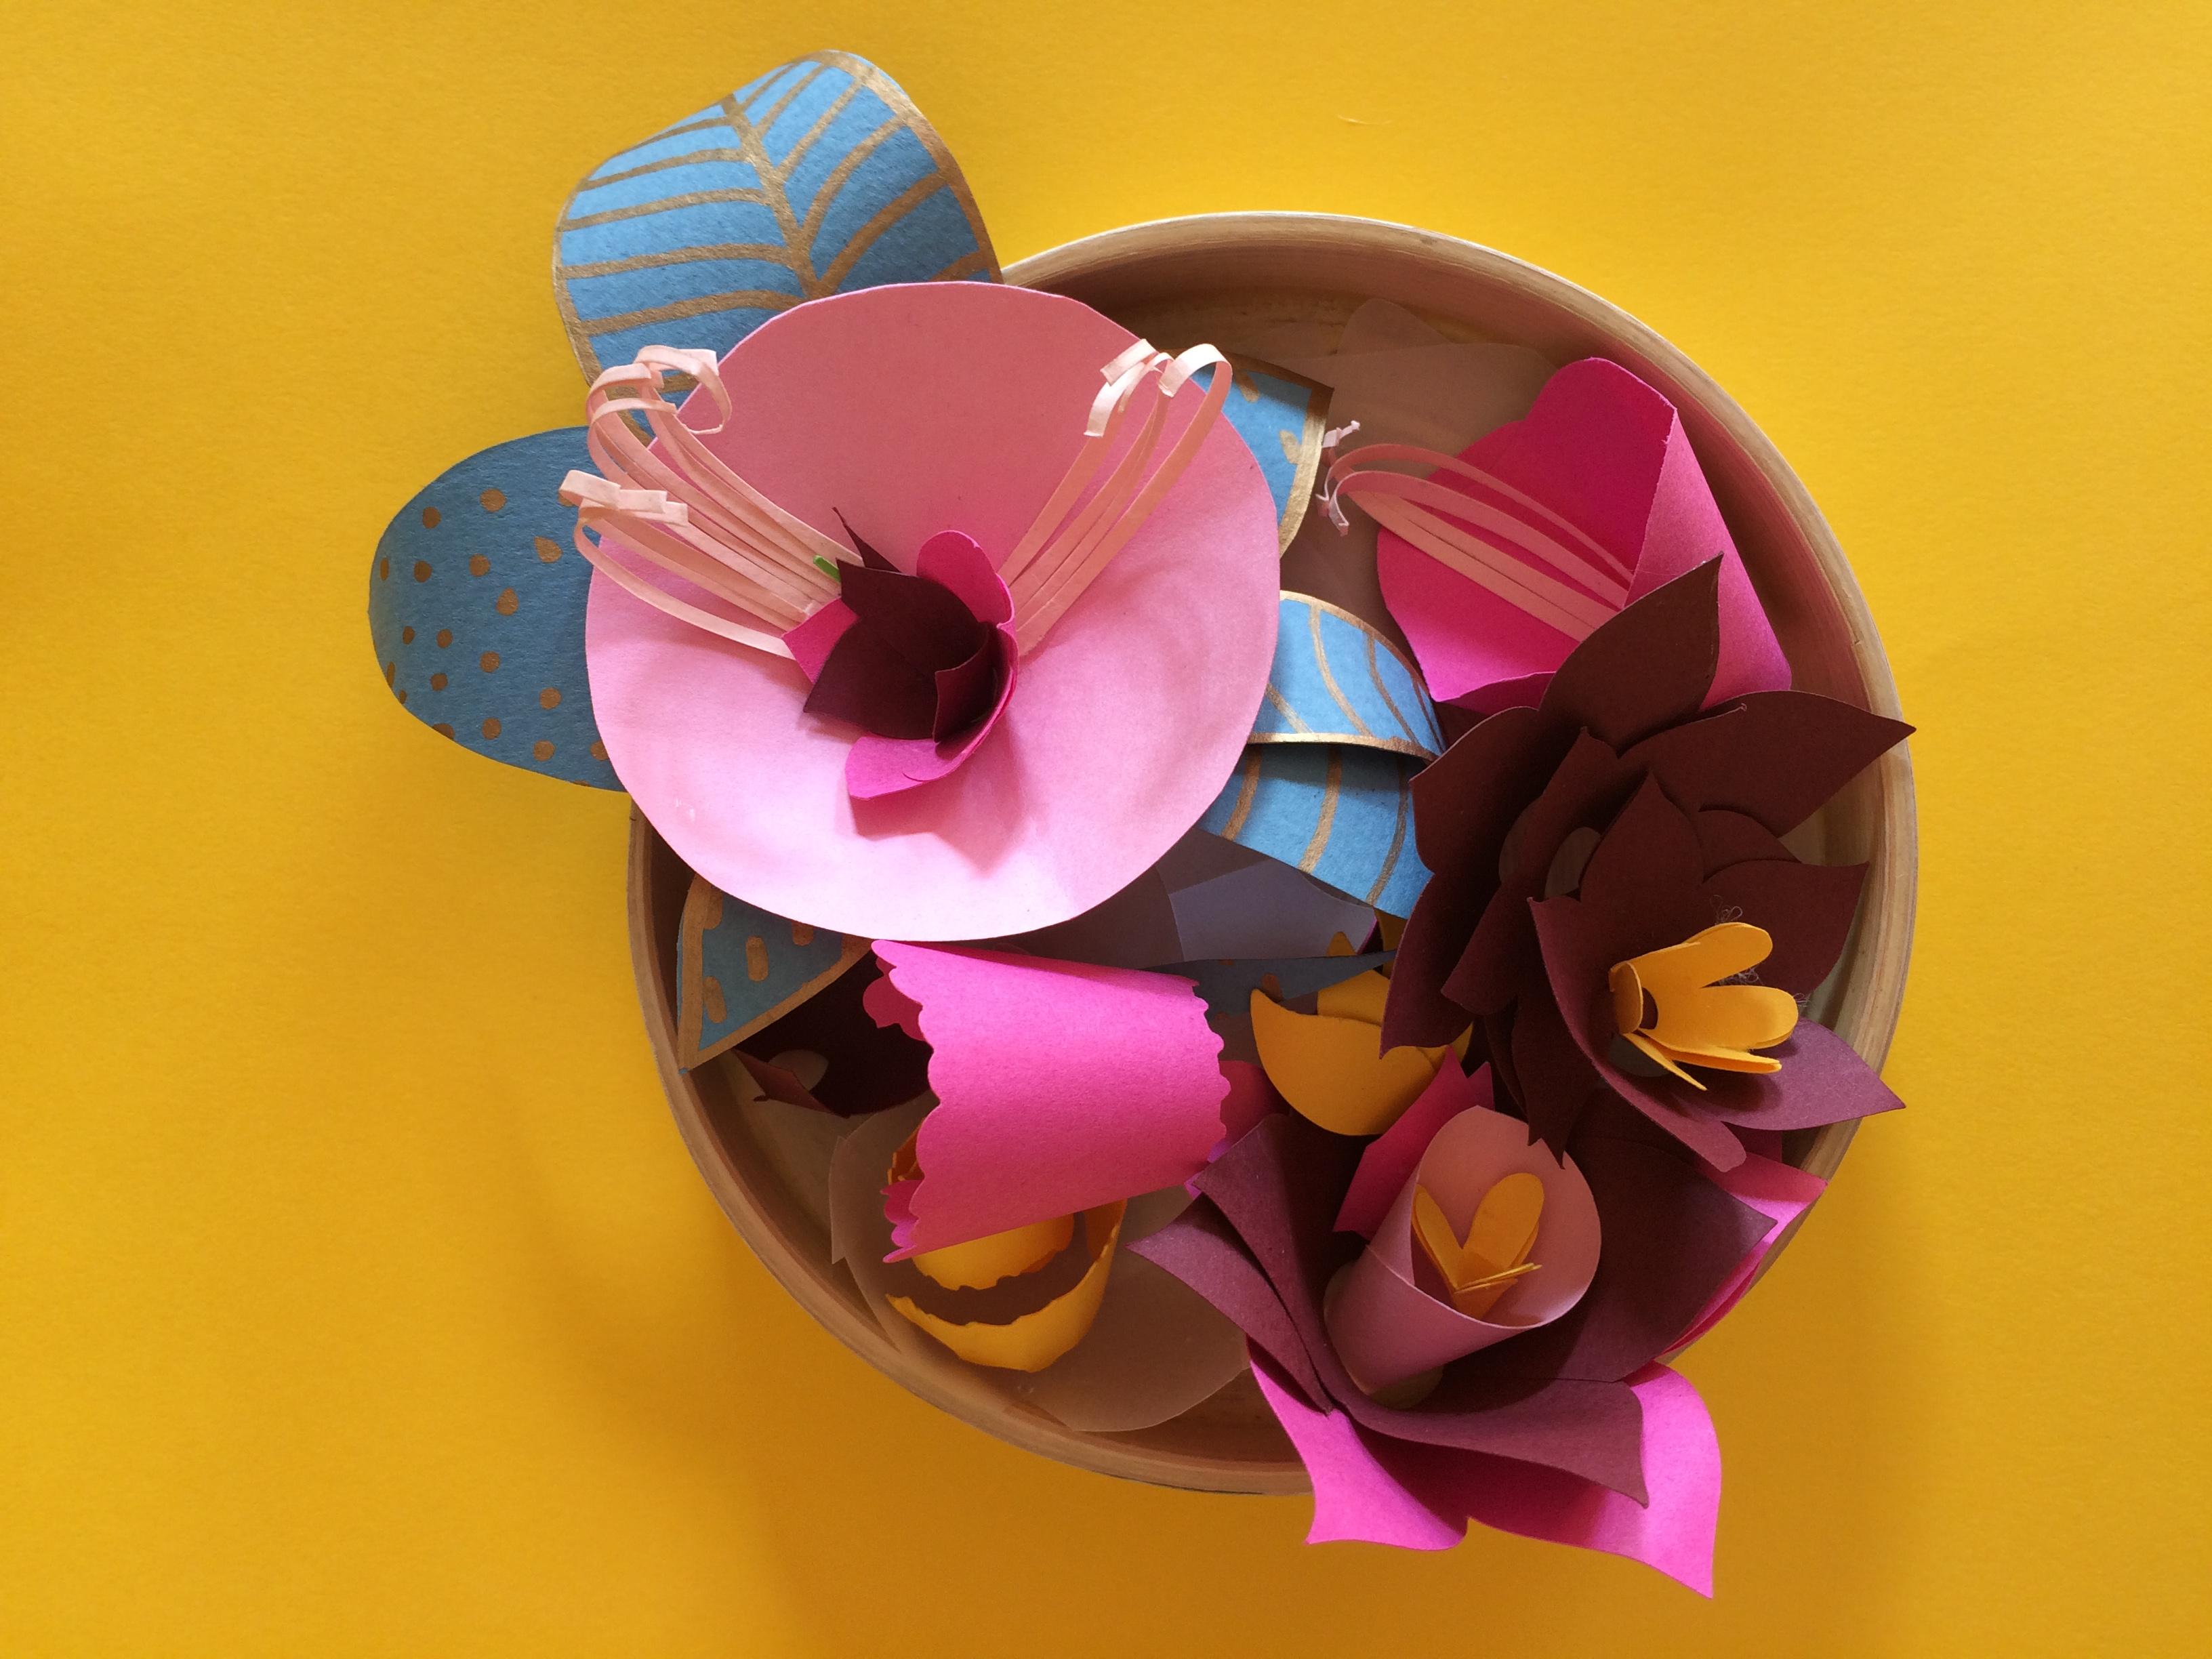 Création d'une mini panière avec des fleurs en papier.